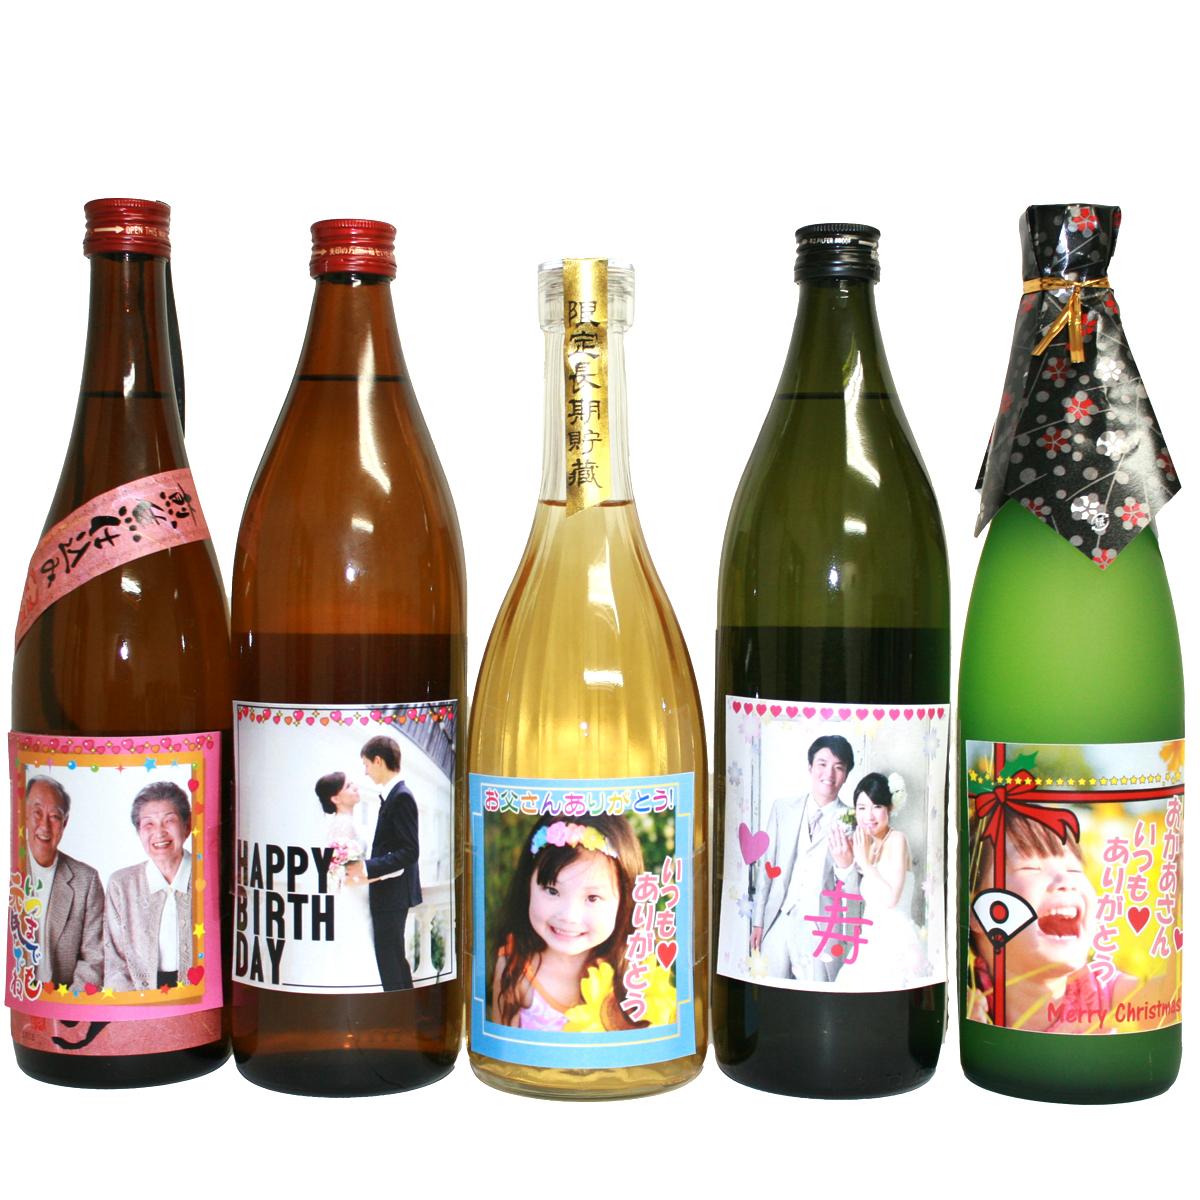 オリジナル写真ラベルスナップビーのお酒 【Snapbee】世界に一つだけのオリジナル写真ラベル【焼酎・日本酒】ハーフボトル720ml-900ml【どの商品を選んでも同じ価格です】【送料無料】